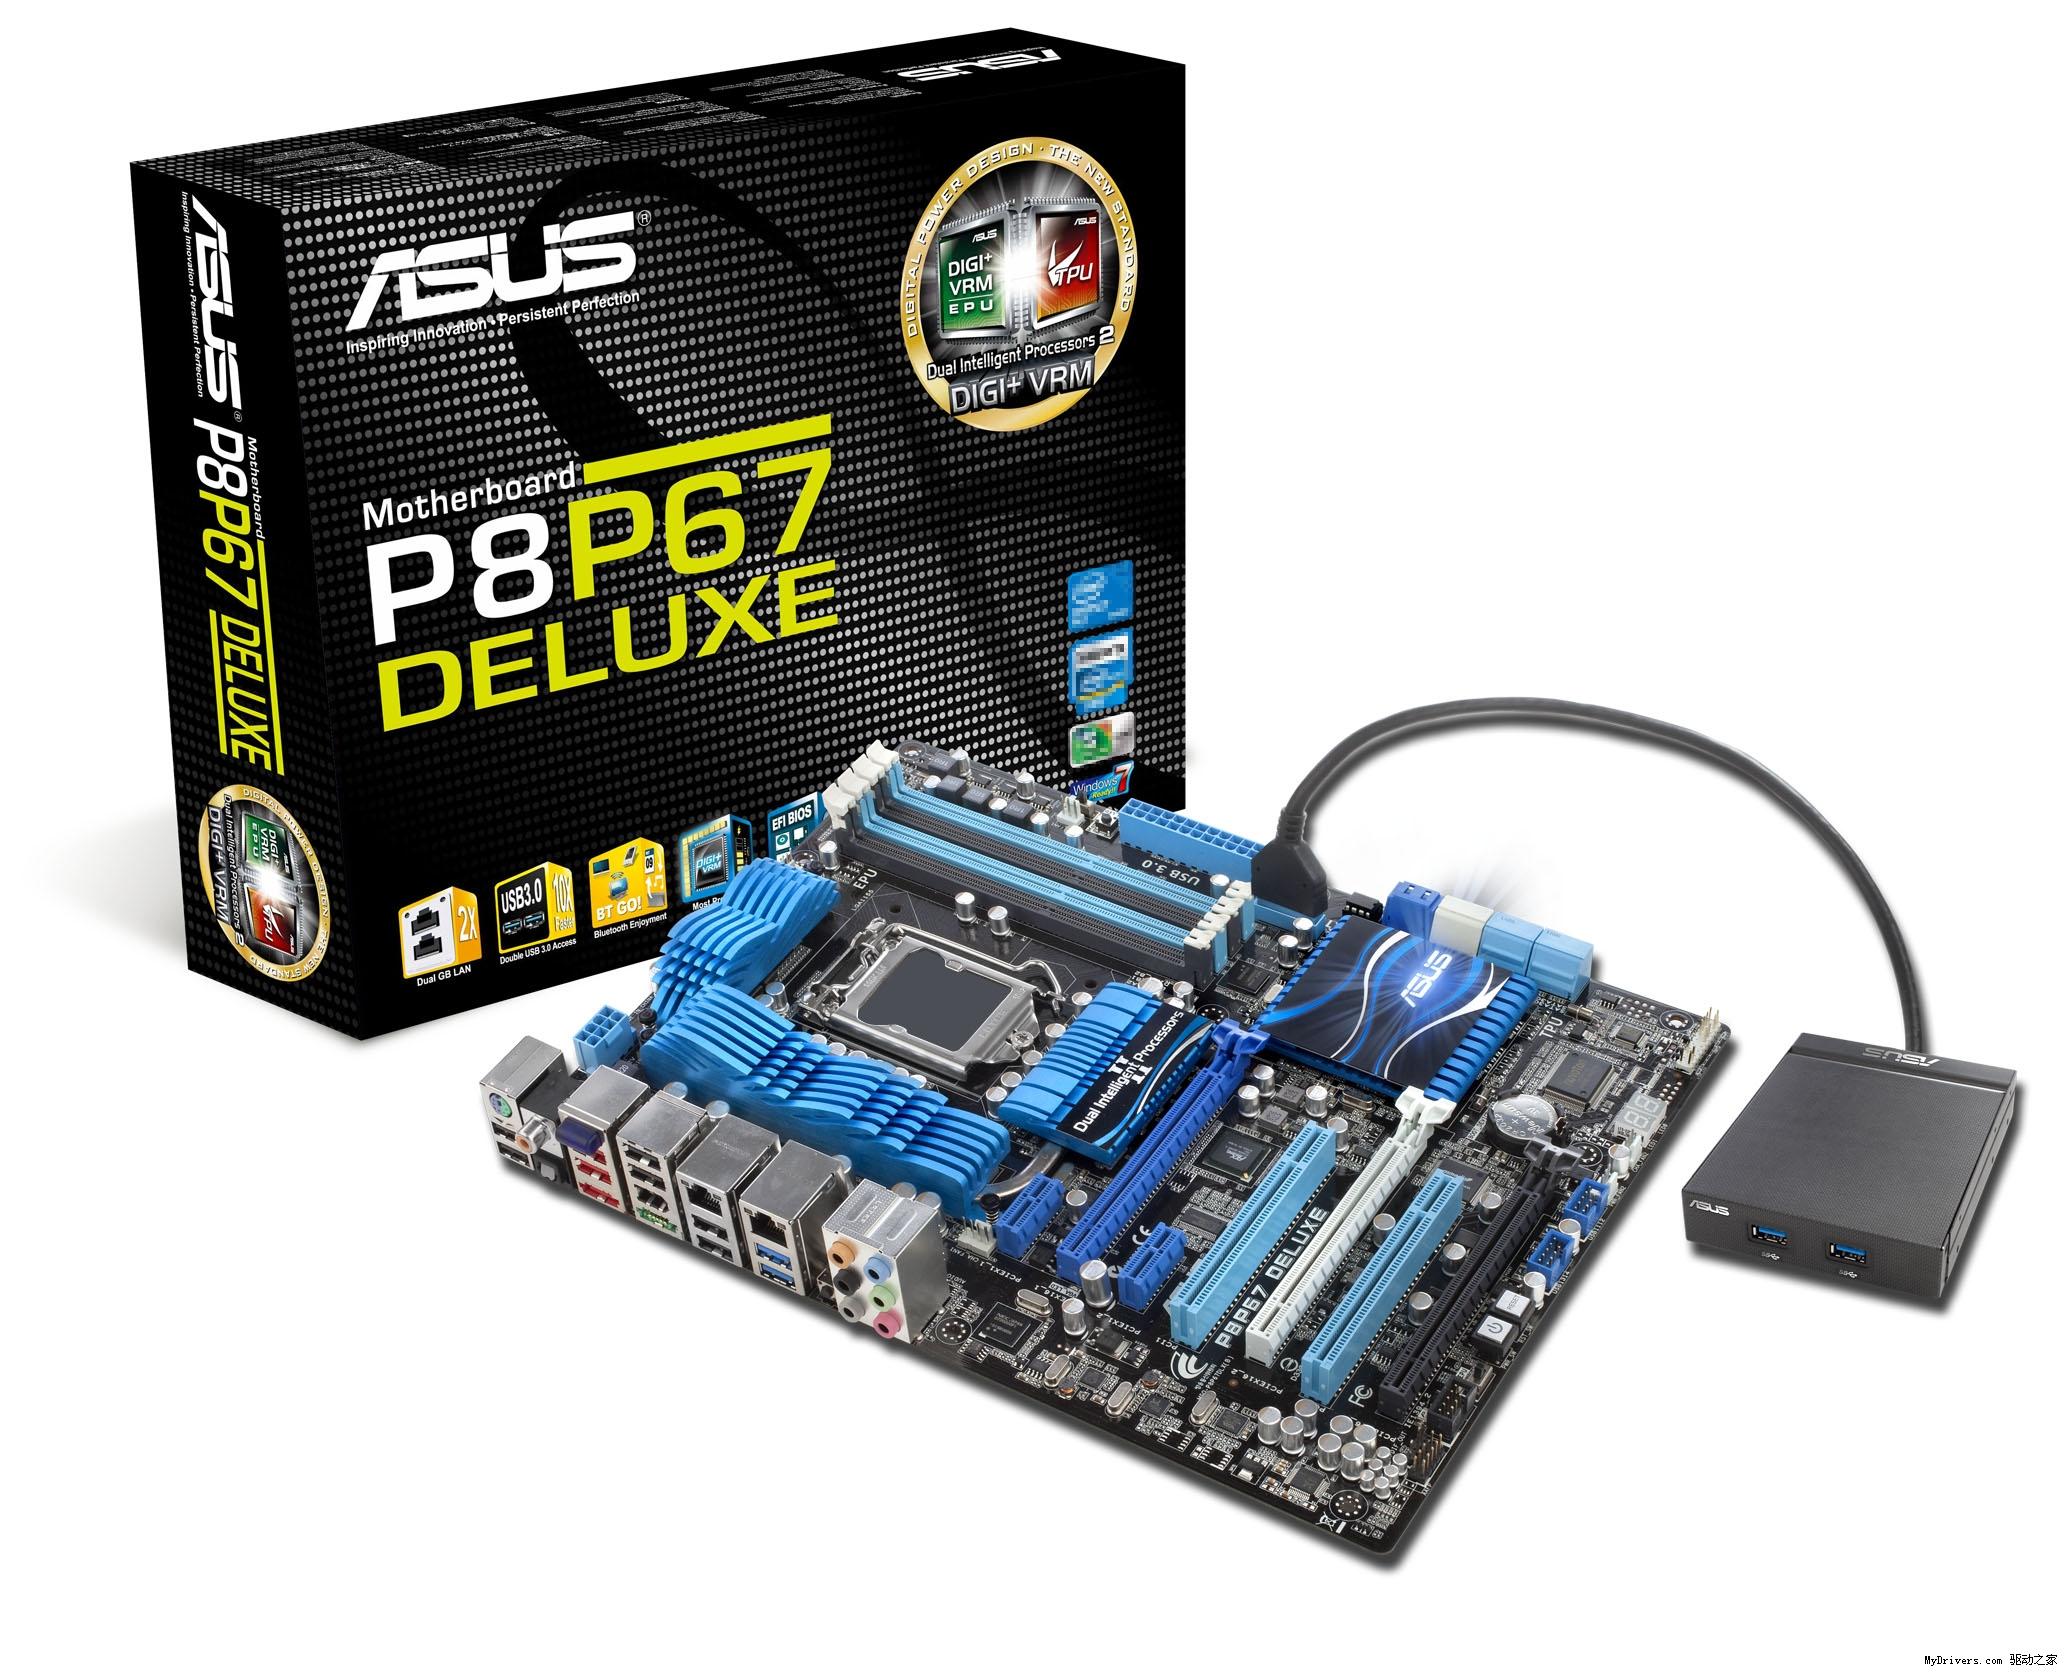 随着Intel Sandy Bridge处理器和6系列芯片组的临近,各大厂商也都开始纷纷提前曝光自家的P67、H67主板,比如技嘉、华硕、微星、映泰等等。近日,华硕又向部分媒体送出了其高端型号P8P67 Pro、P8P67 Deluxe,以及玩家国度系列的Maximus IV Extreme。 P8P67 Pro: 蓝色的散热片很美观,不过可能会对CPU散热器的安装造成一定影响。磁盘接口中四个浅蓝色的是SATA 3Gbps、两个白色的是SATA 6Gbps,都来自P67芯片组,另外还有两个深蓝色的SATA